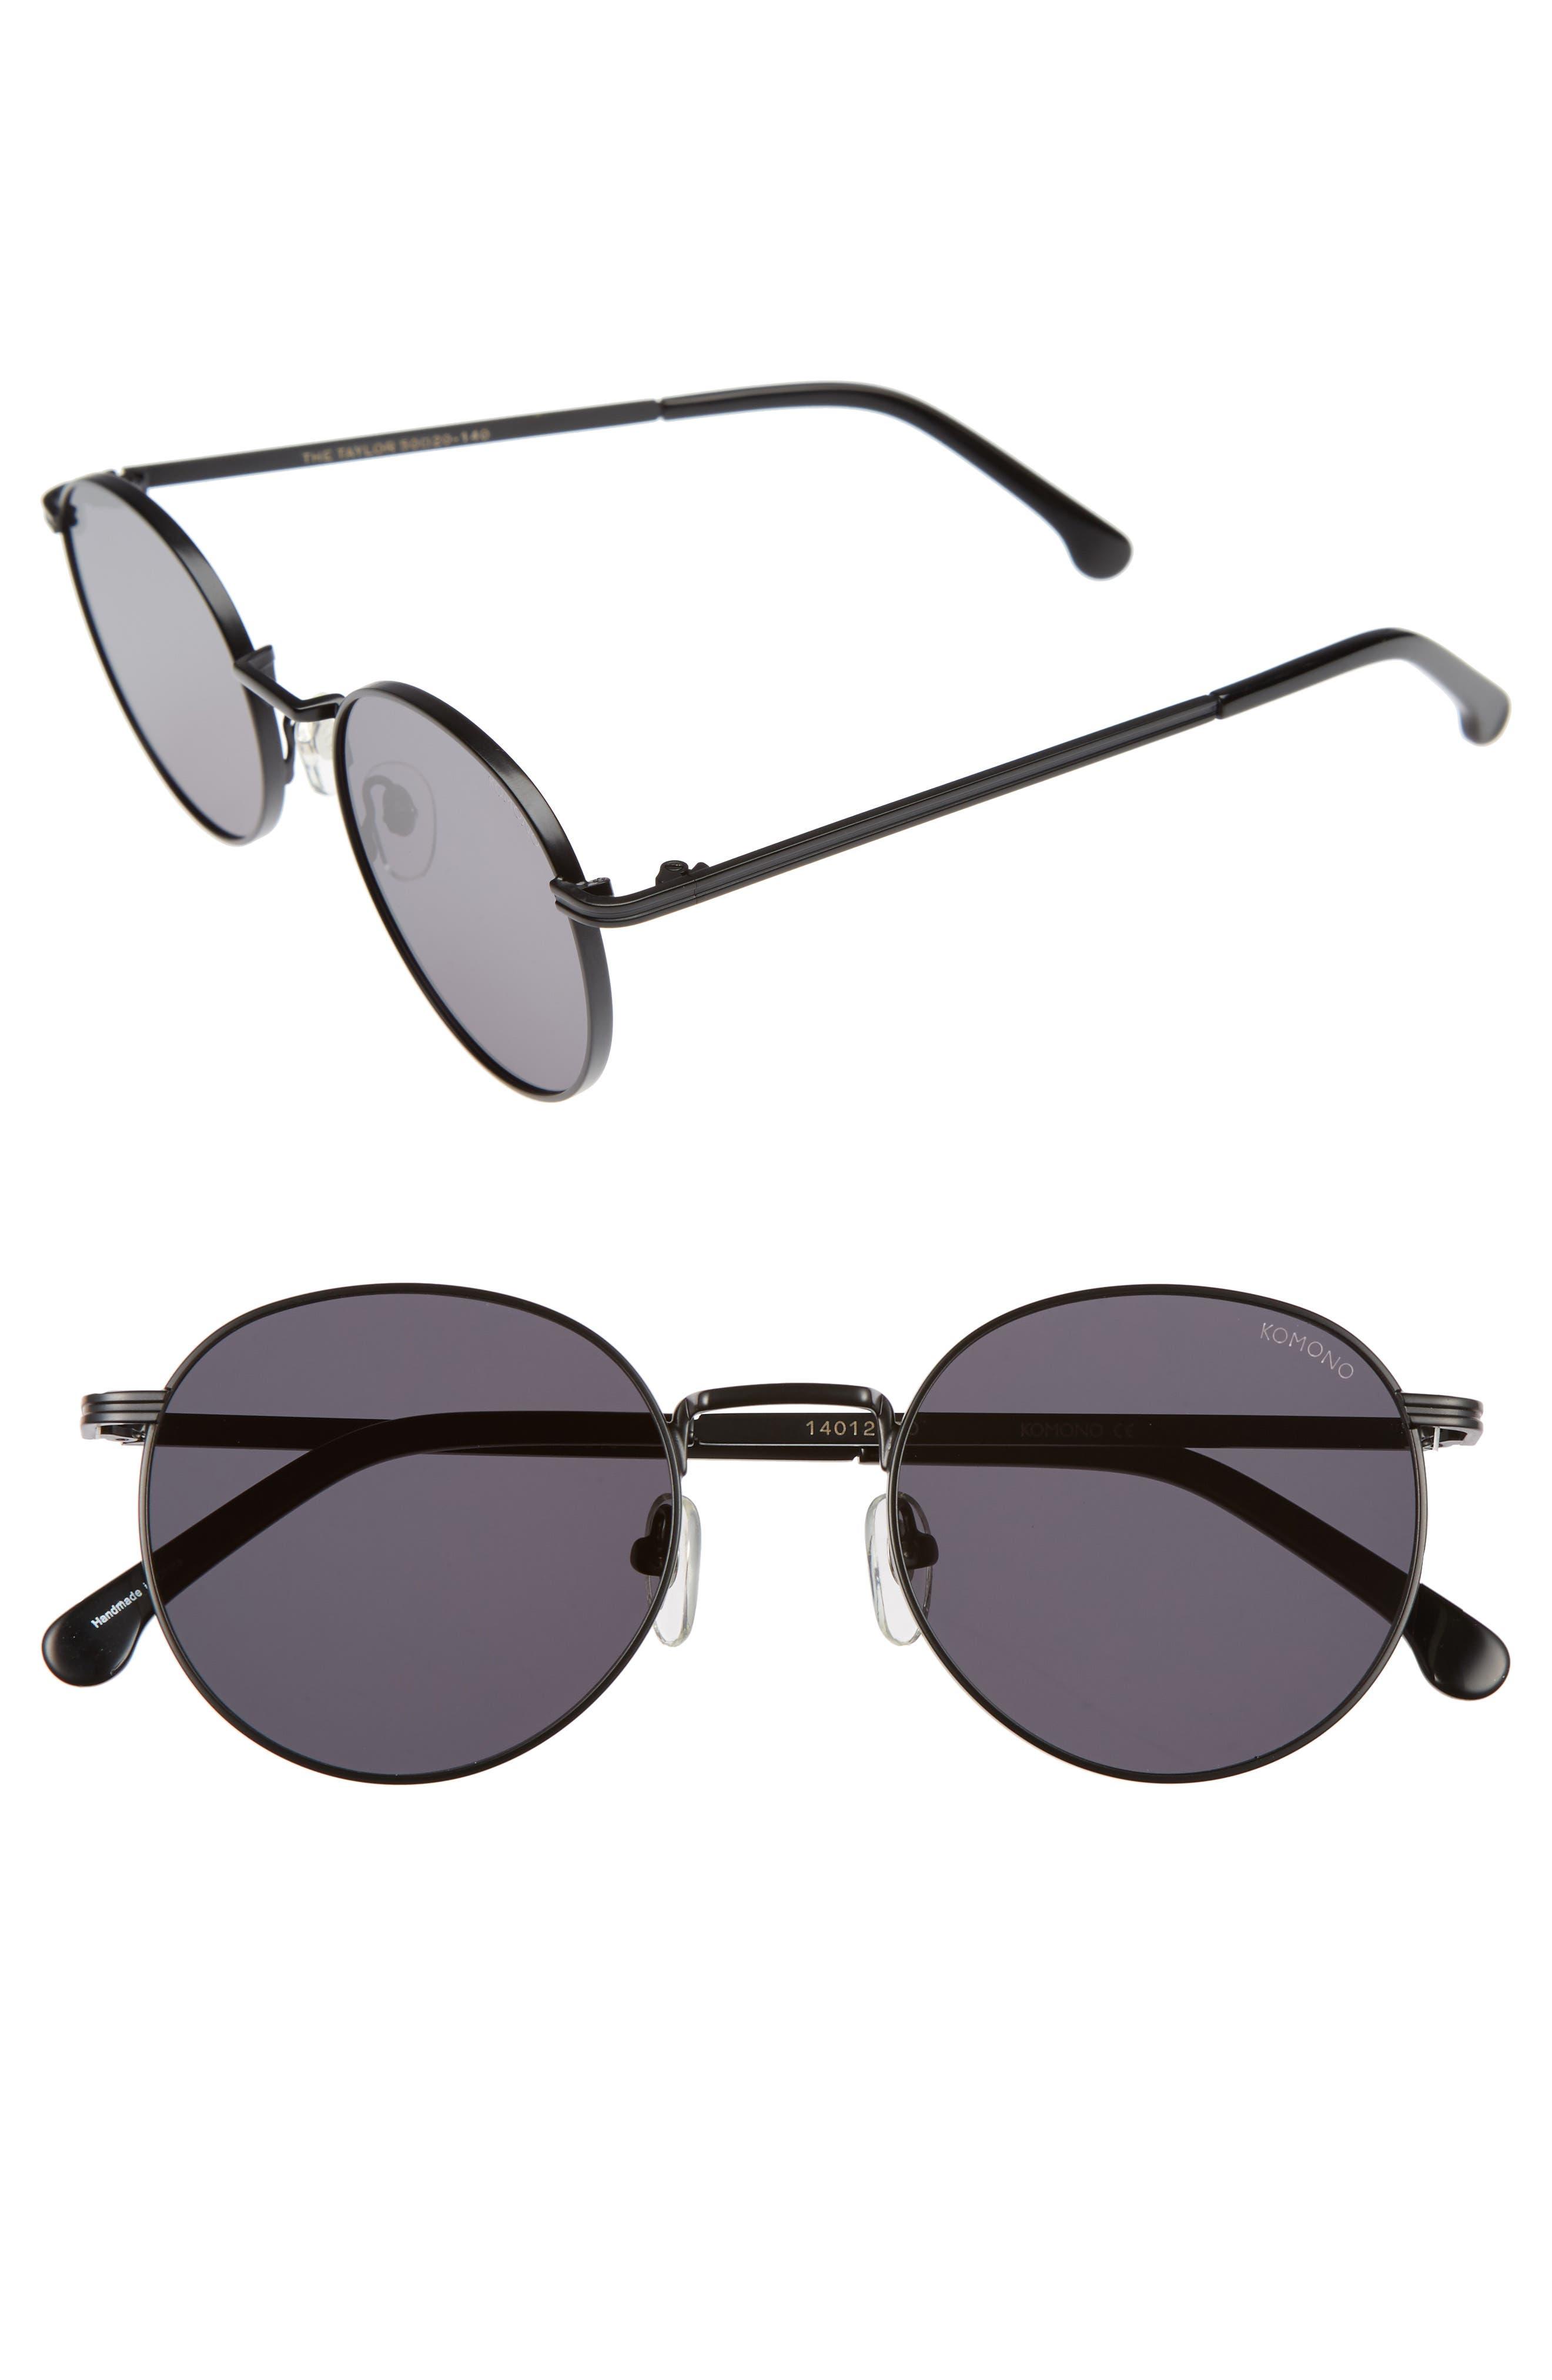 Taylor 50mm Sunglasses,                             Main thumbnail 1, color,                             001